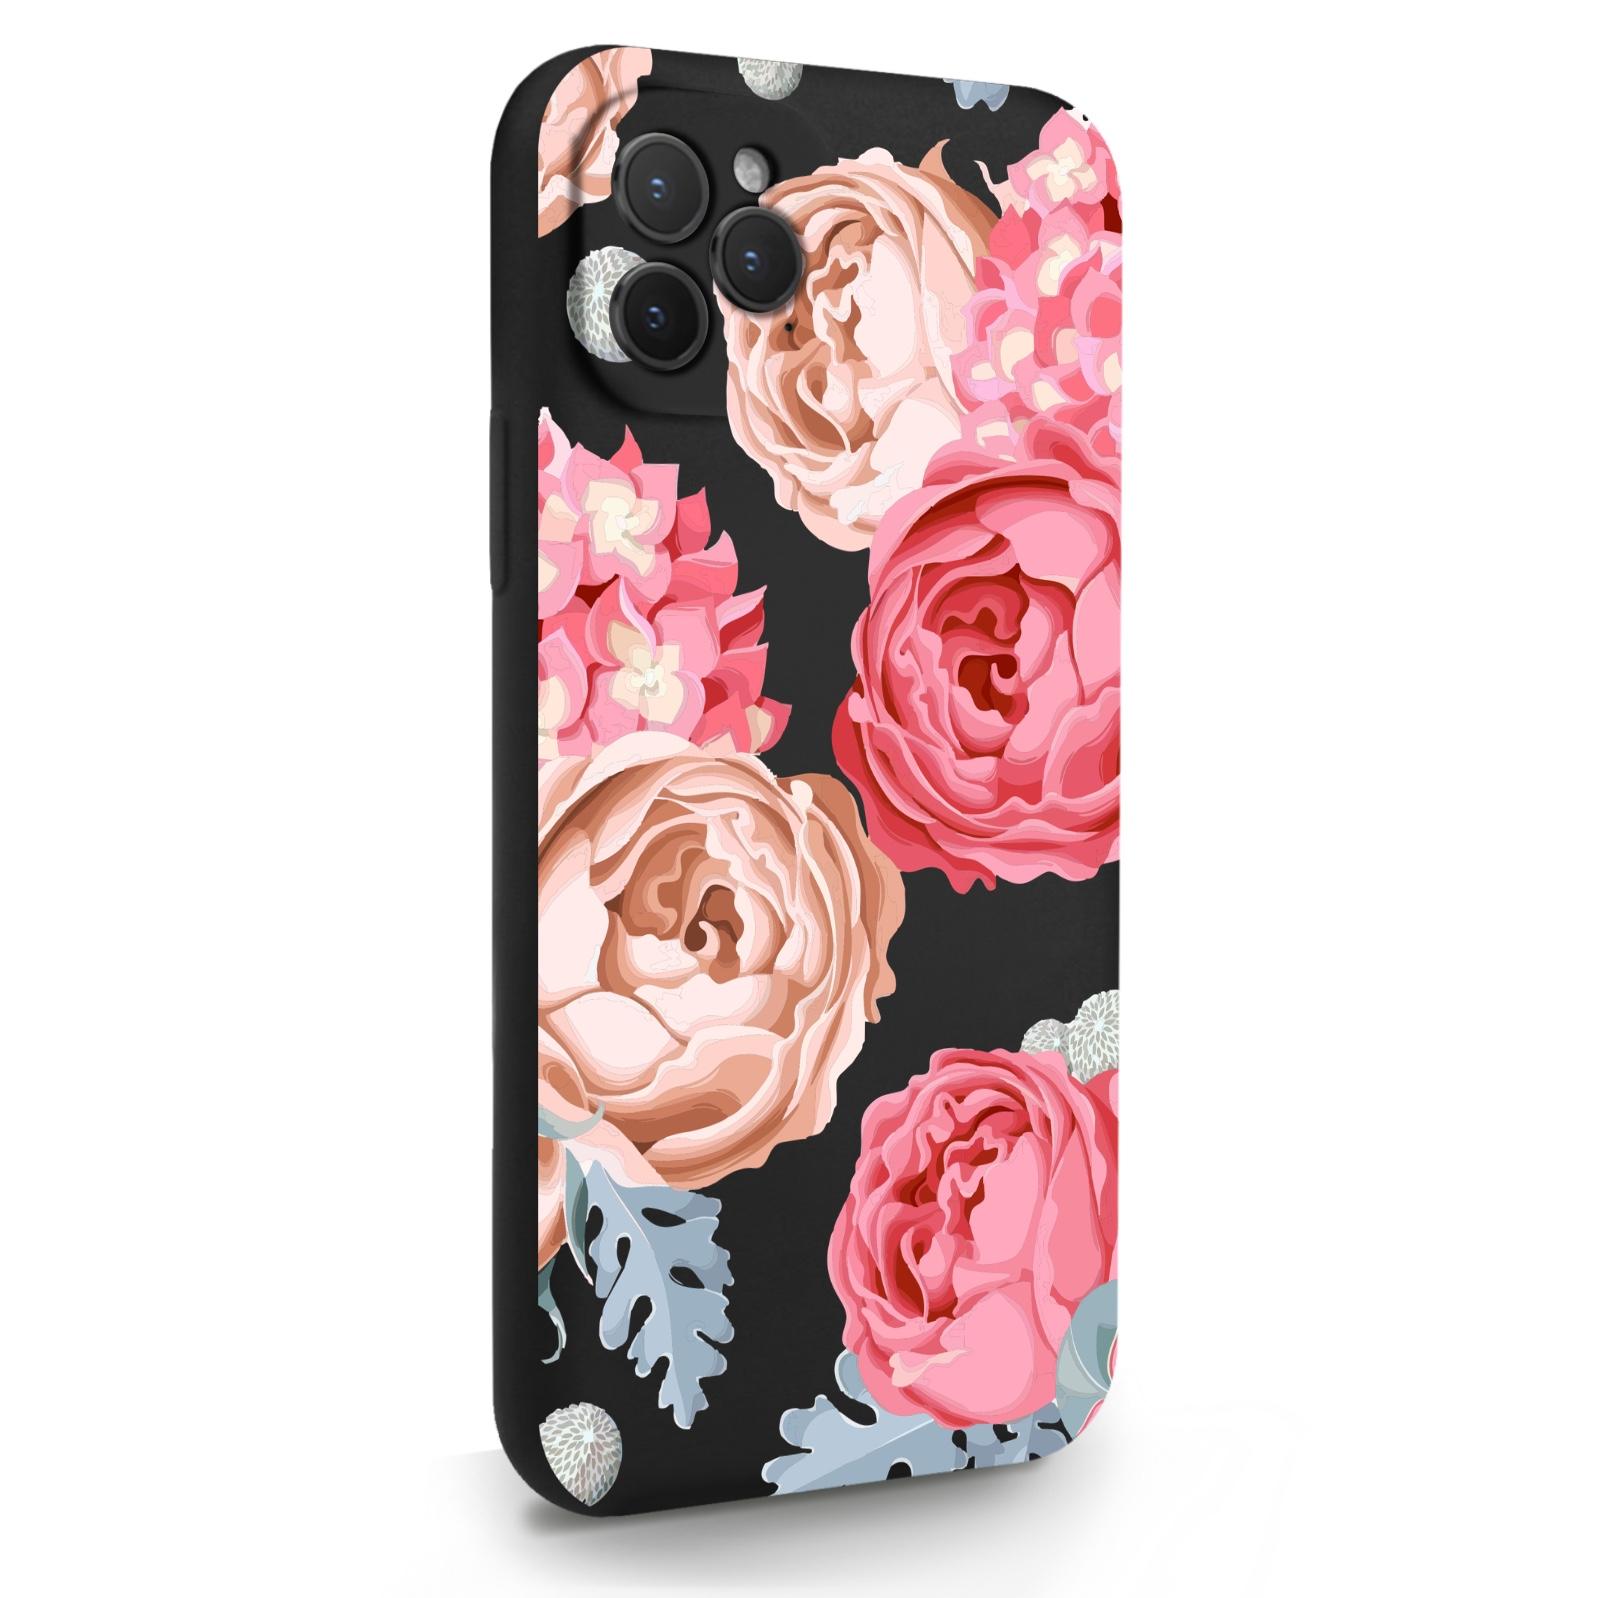 Черный силиконовый чехол для iPhone 11 Pro Пионы для Айфон 11 Про